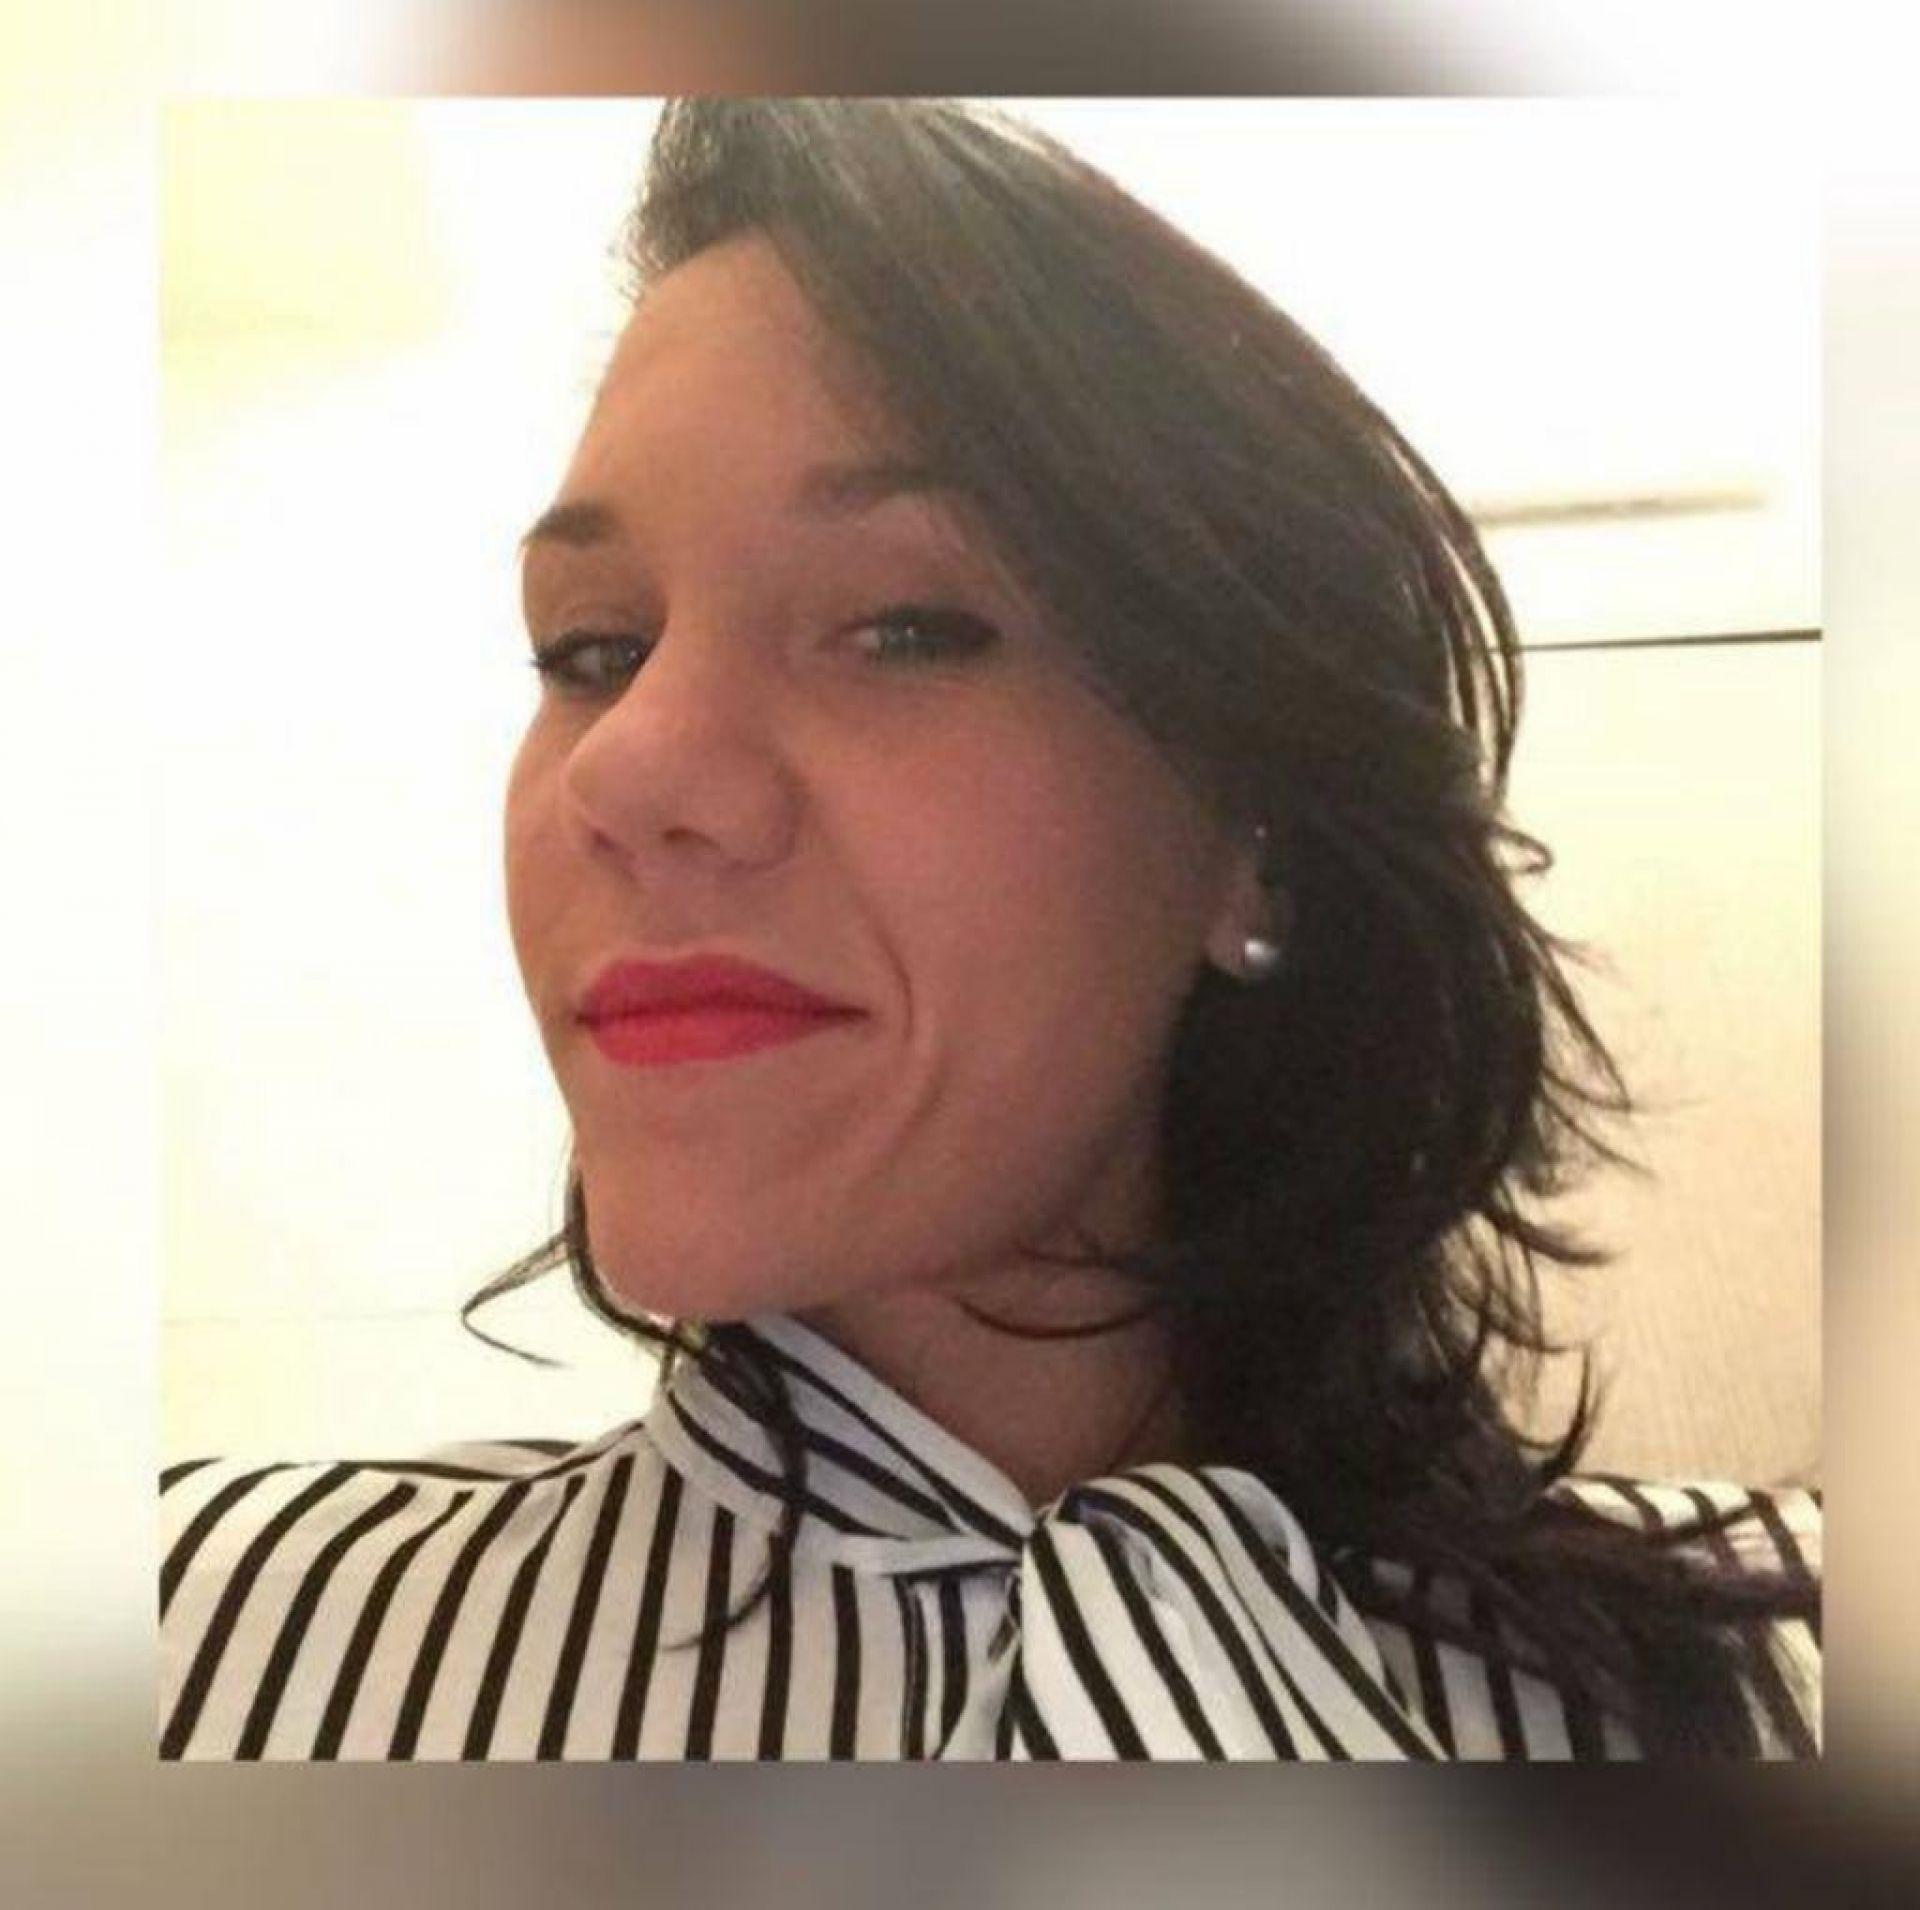 ALESSIA VERGA - 6 NOVEMBRE 2020